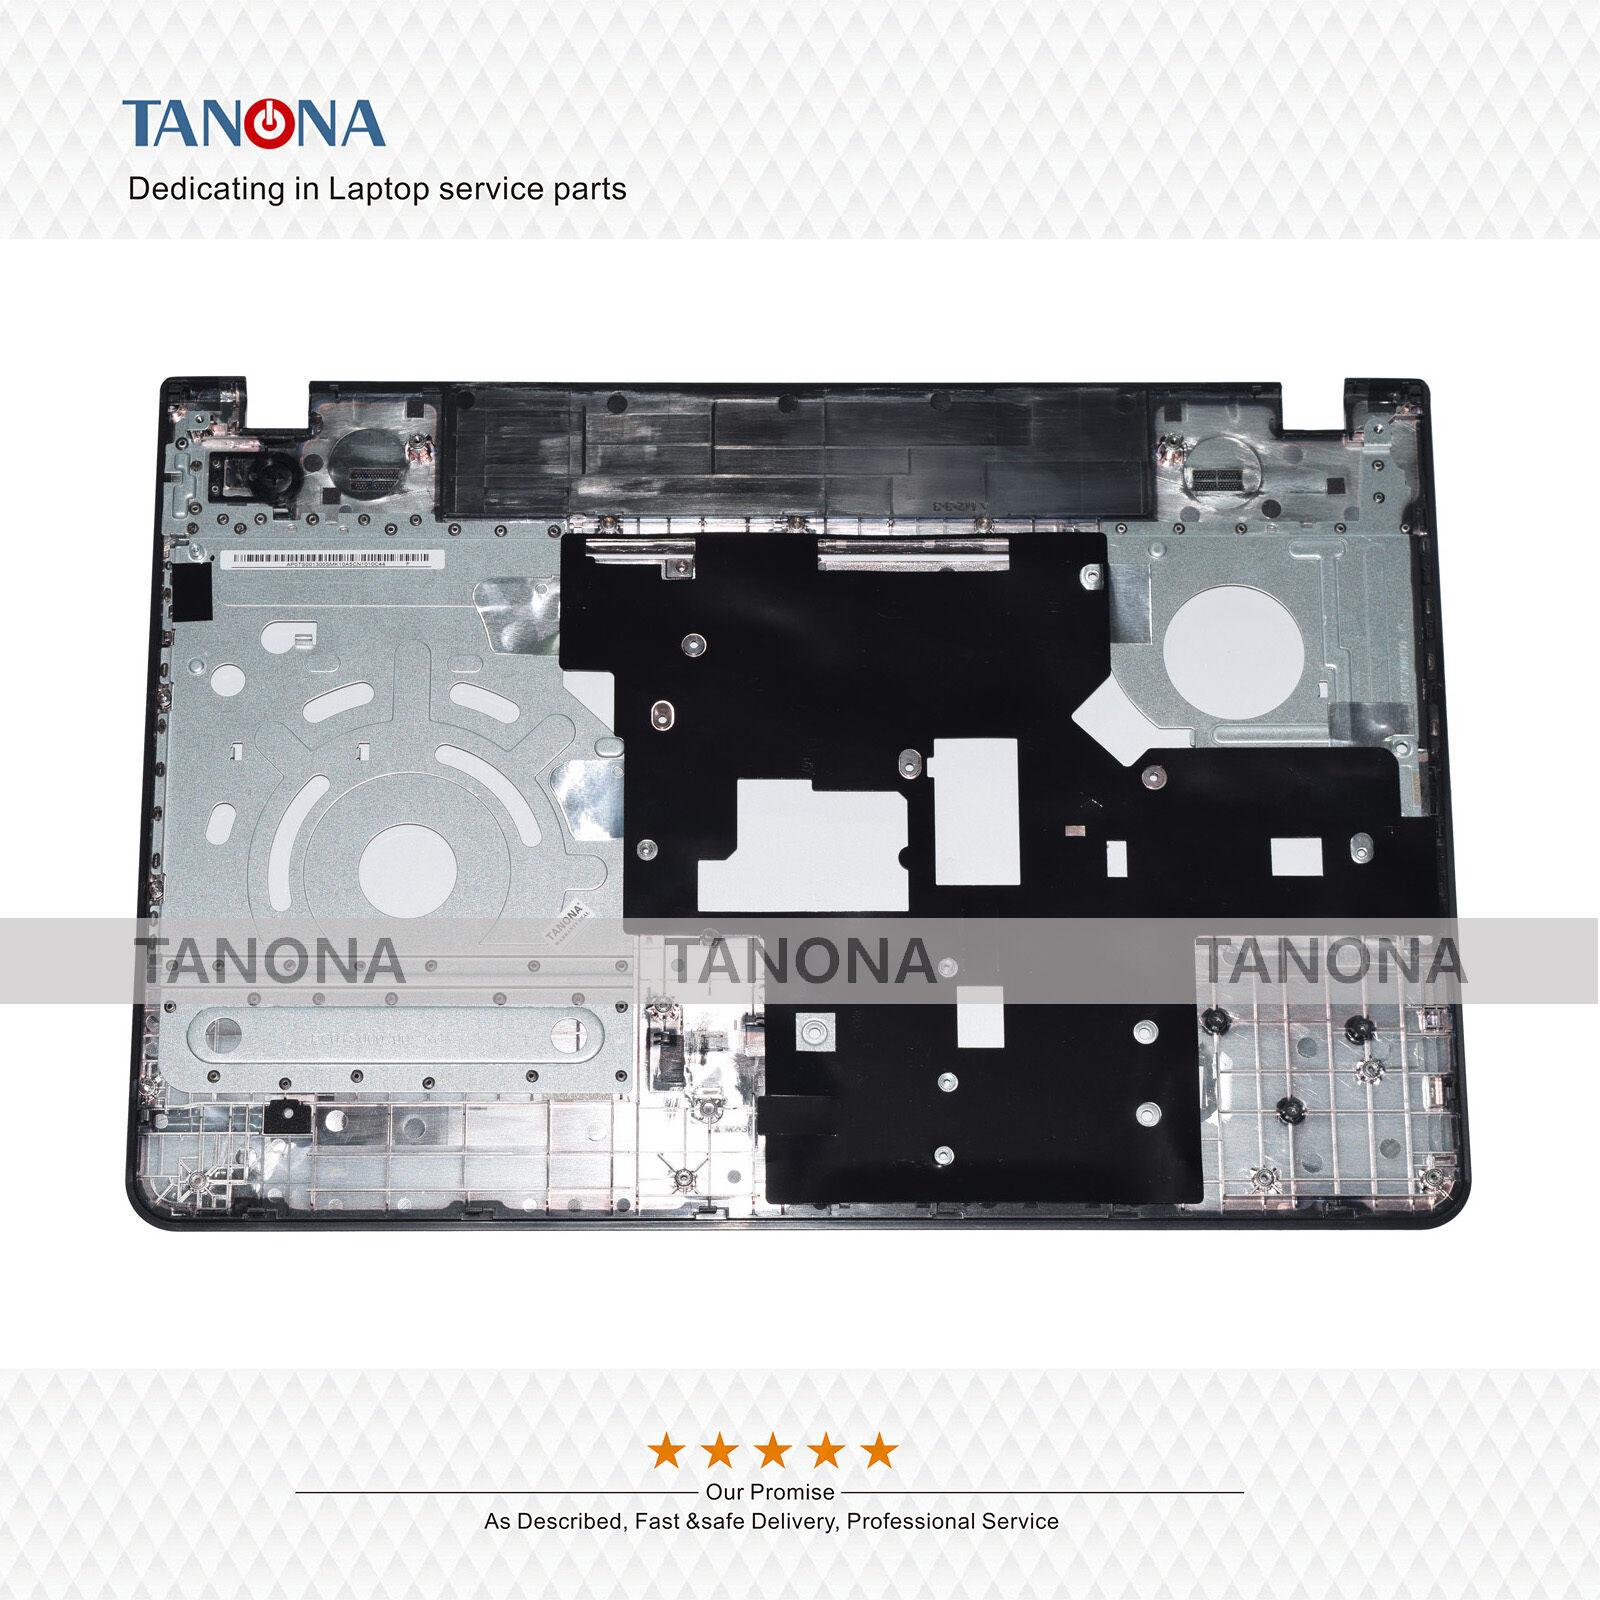 New 00HN434 00HN437 Lenovo Thinkpad E550 E555 LCD Back Cover Top Case Bezel